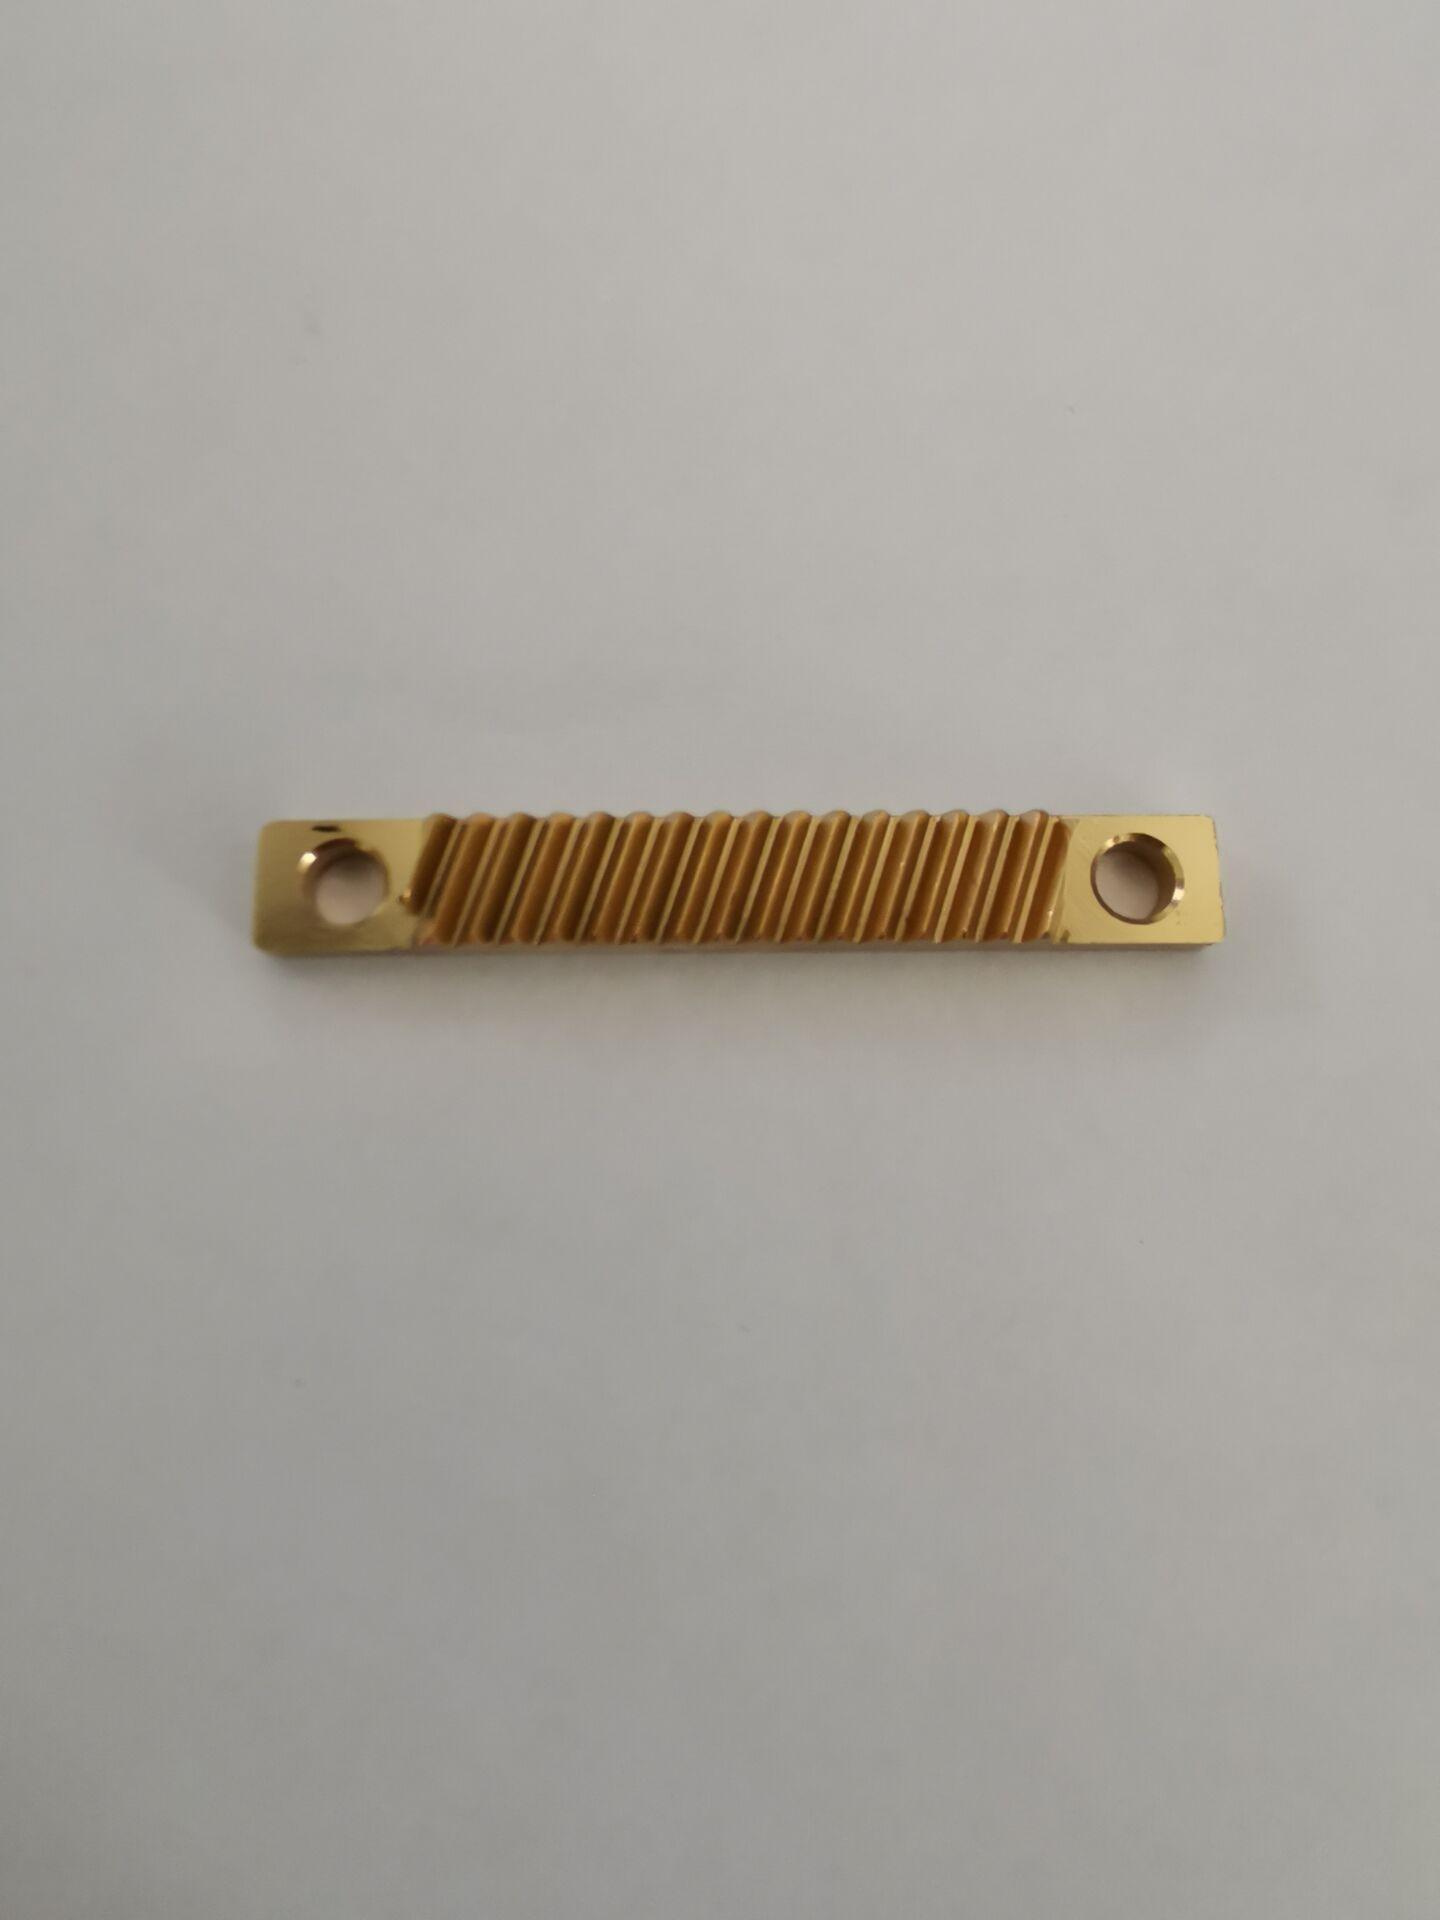 上海显微镜小模数黄铜滑台齿条定制